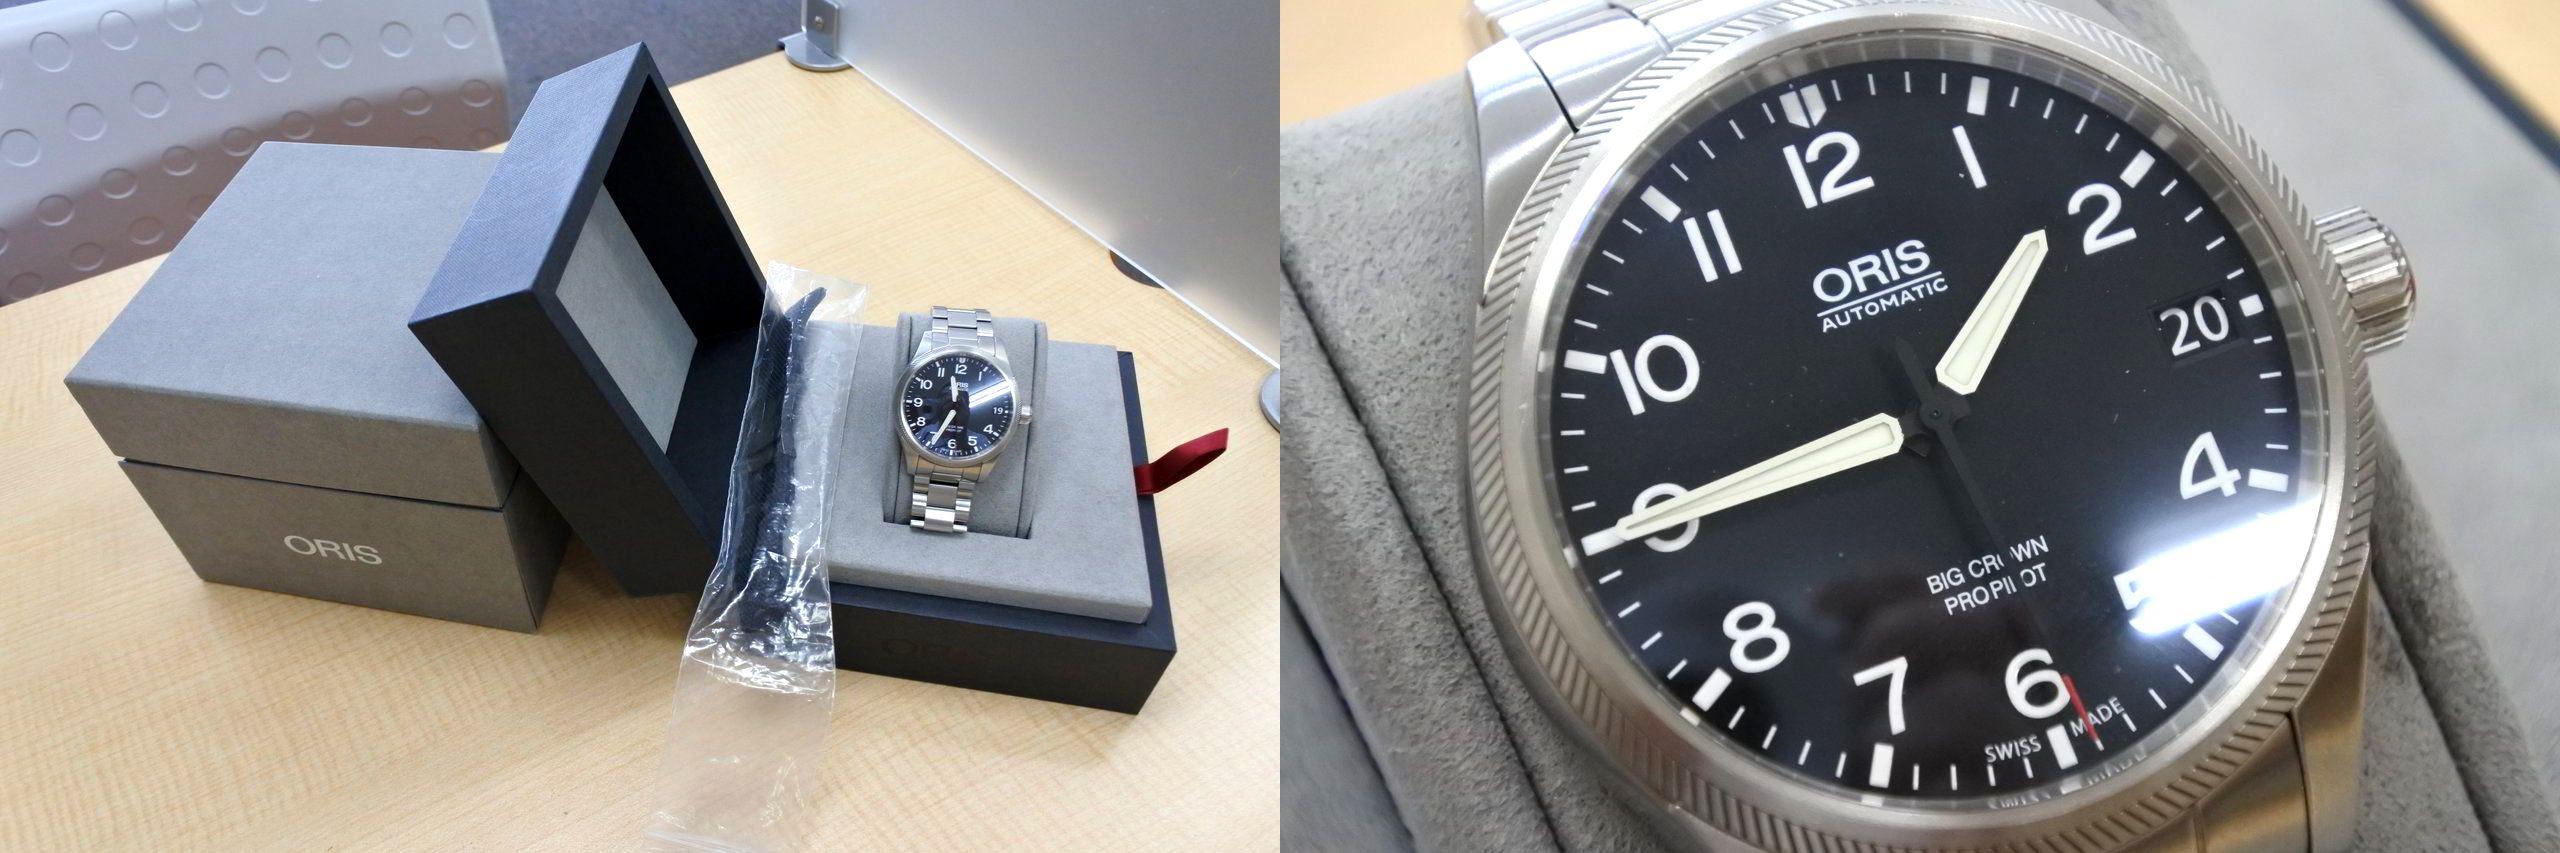 買取 ブランド時計 オリス ロレックス 盛岡 まねき堂